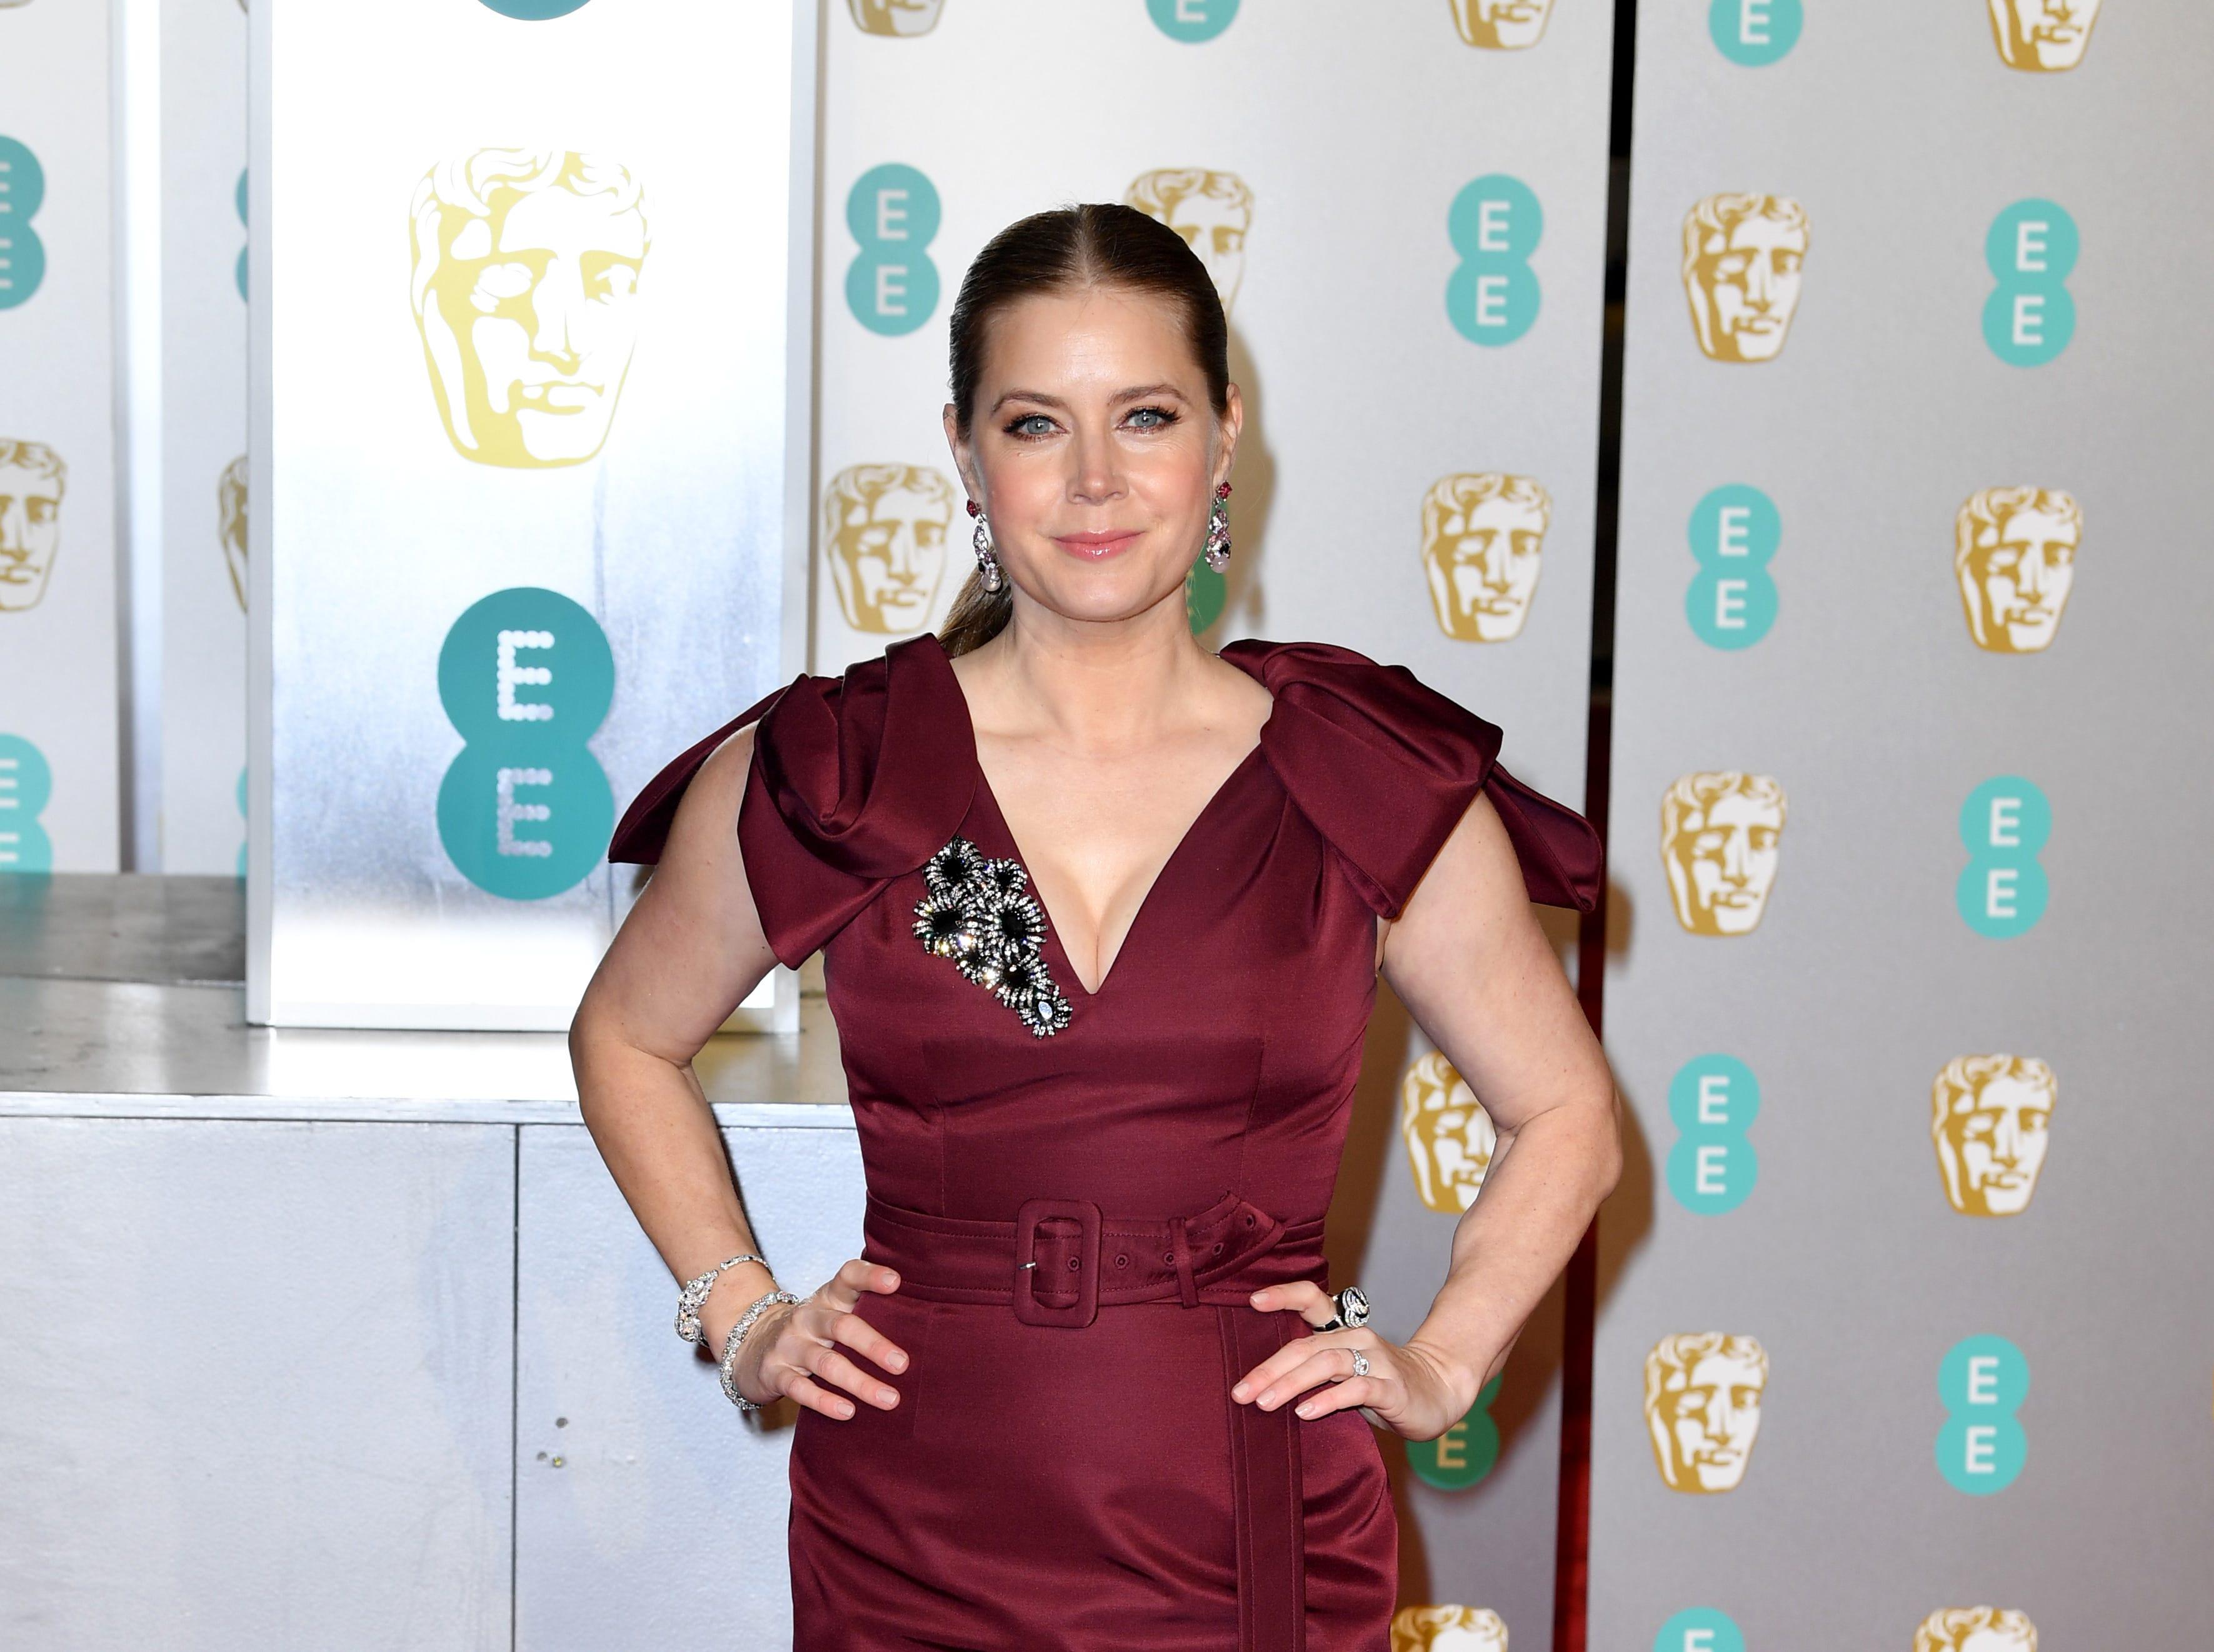 Amy Adams a su llegada a la alfombra roja de los Premios de la Academia Británica de Cine BAFTA en el Royal Albert Hall en Londres el 10 de febrero de 2019.